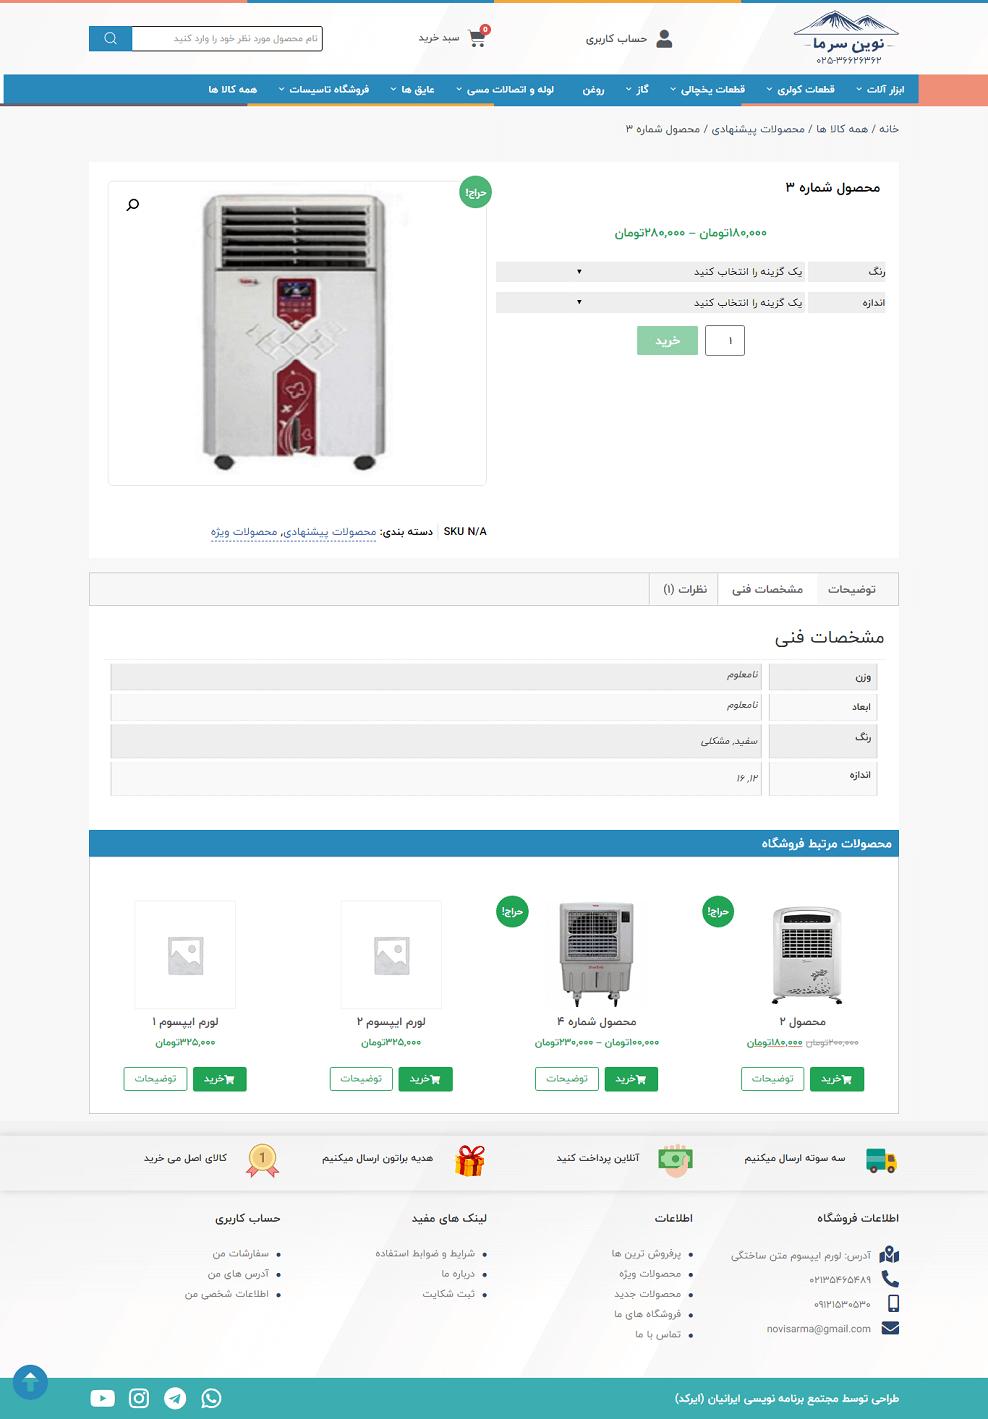 صفحه جزئیات محصول نوین سرما